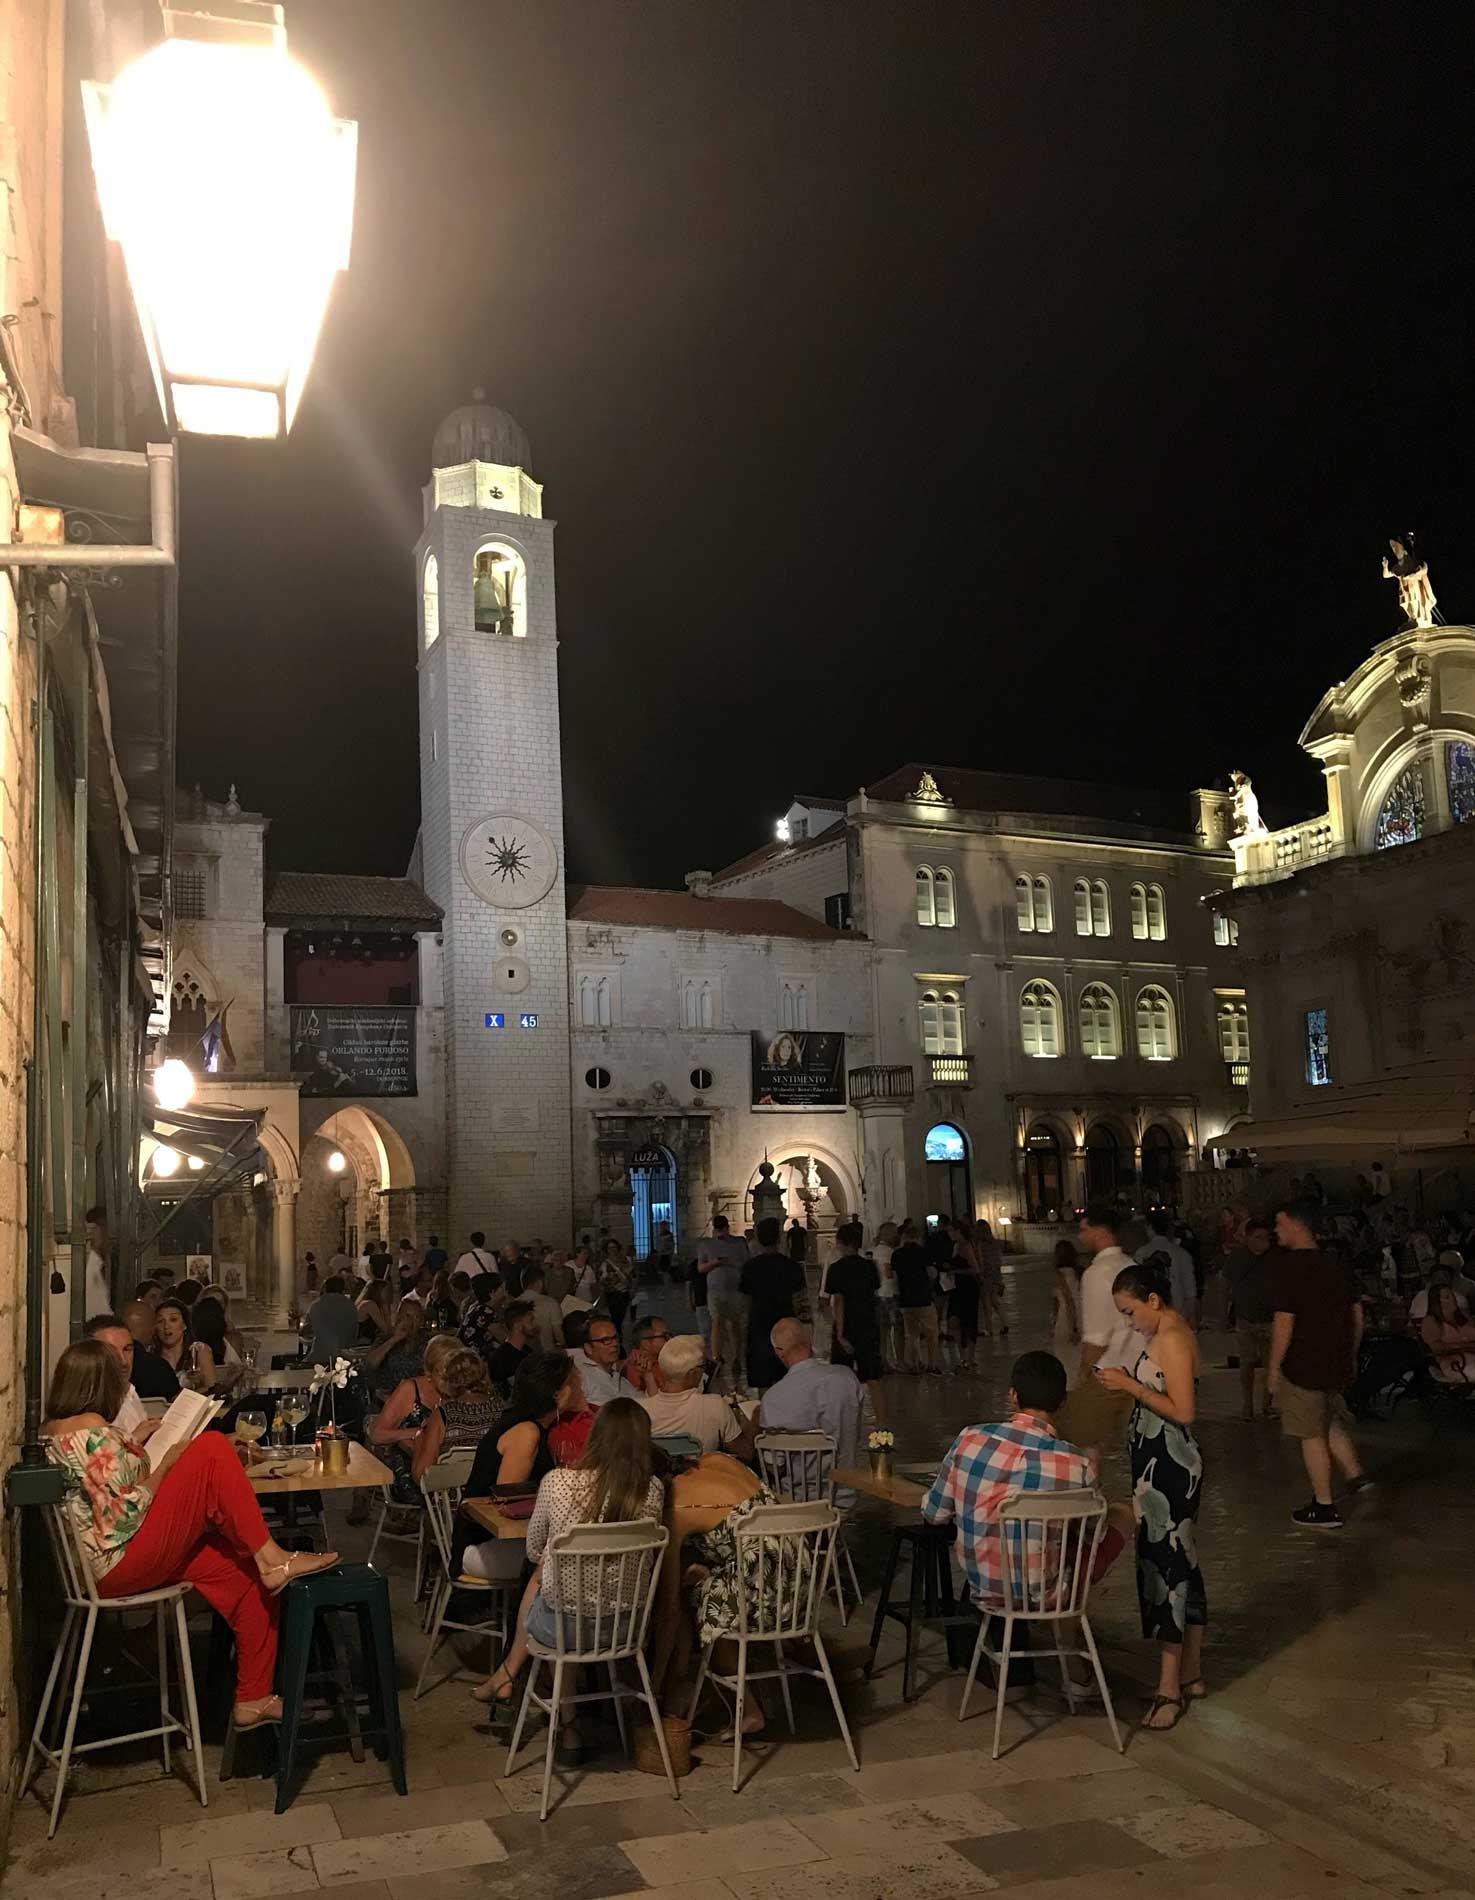 Dubrovnik-Croazia-Piazza-della-Loggia-by-night-turisti-tavolini-ristoranti